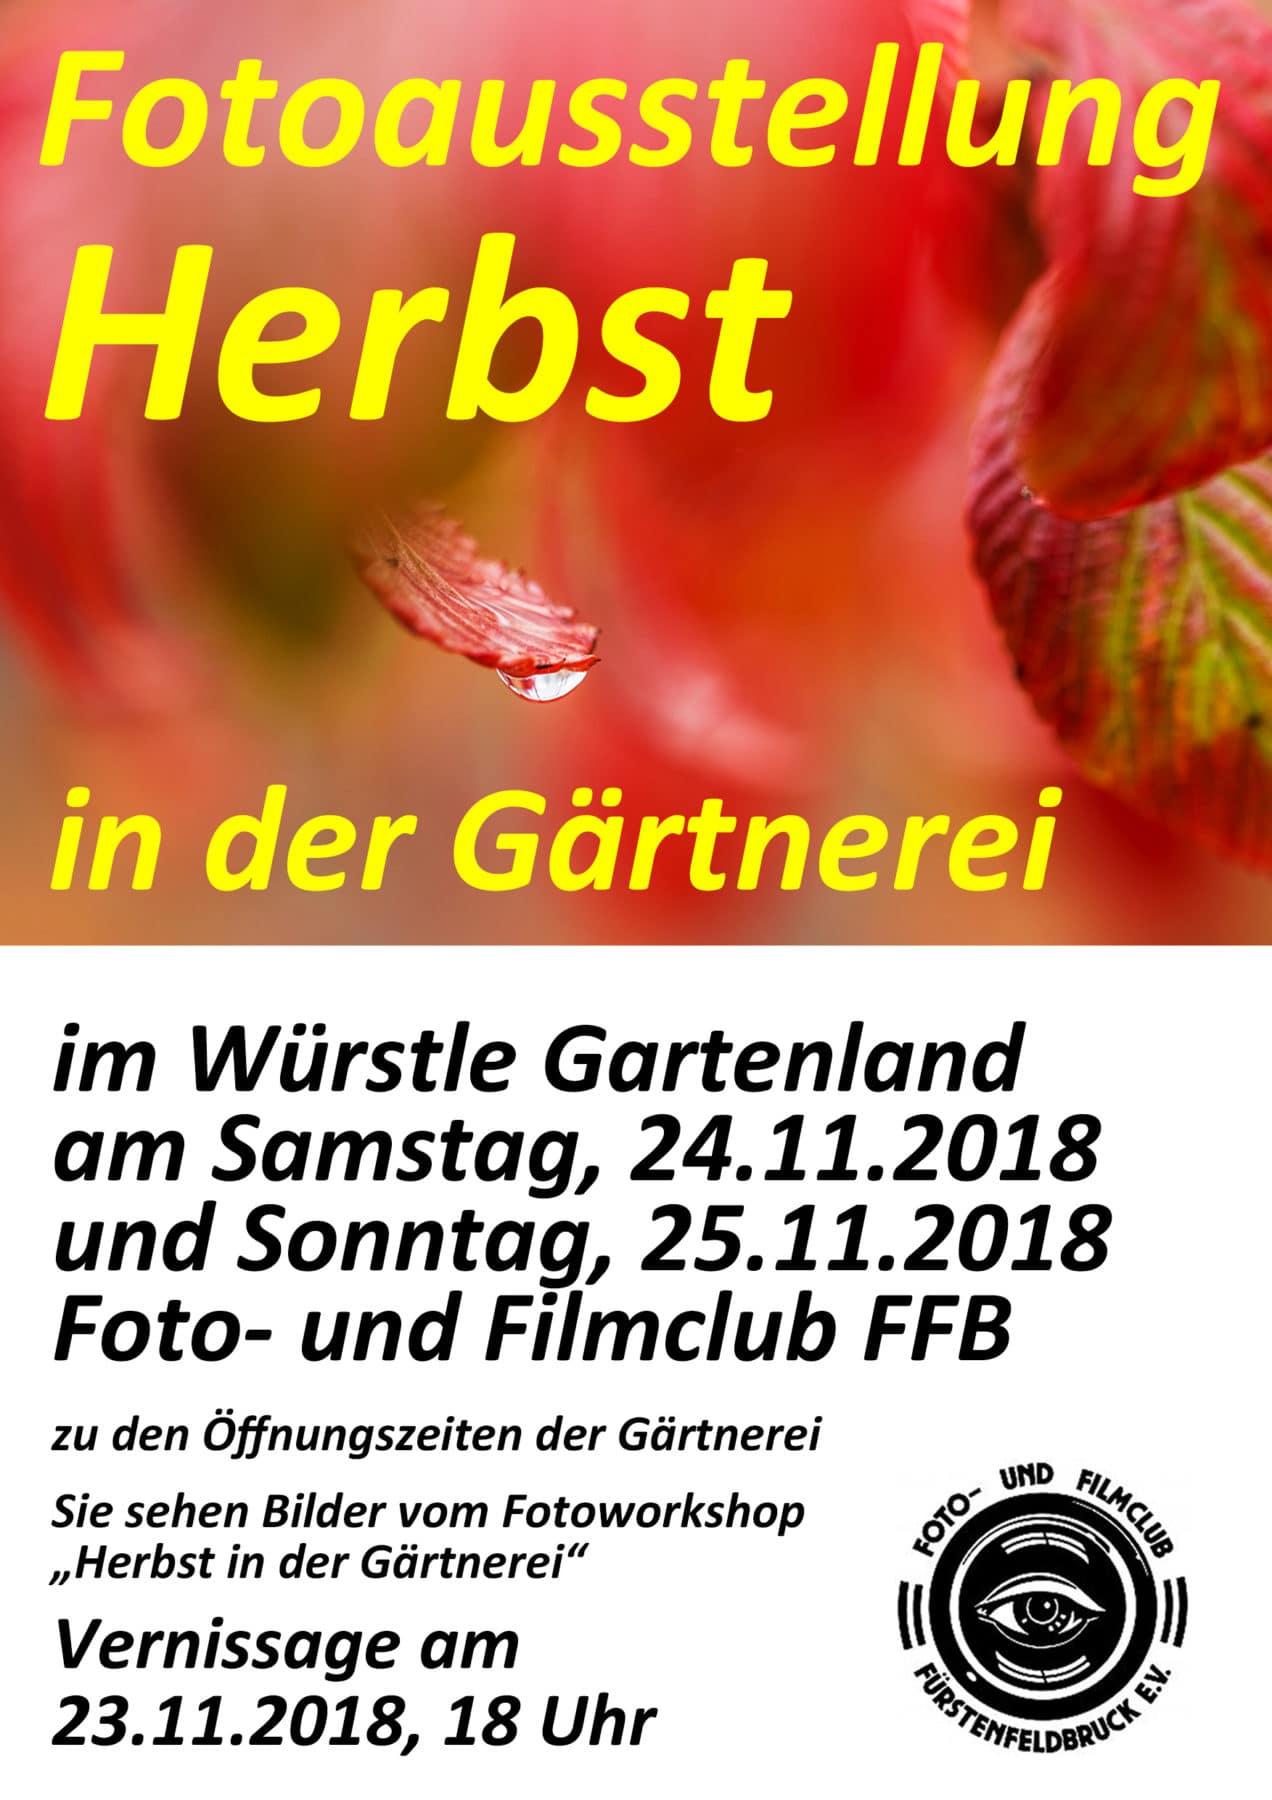 2018-11-23-Herbstfotografie-Fotoausstellung-A5-1272x1800.jpg